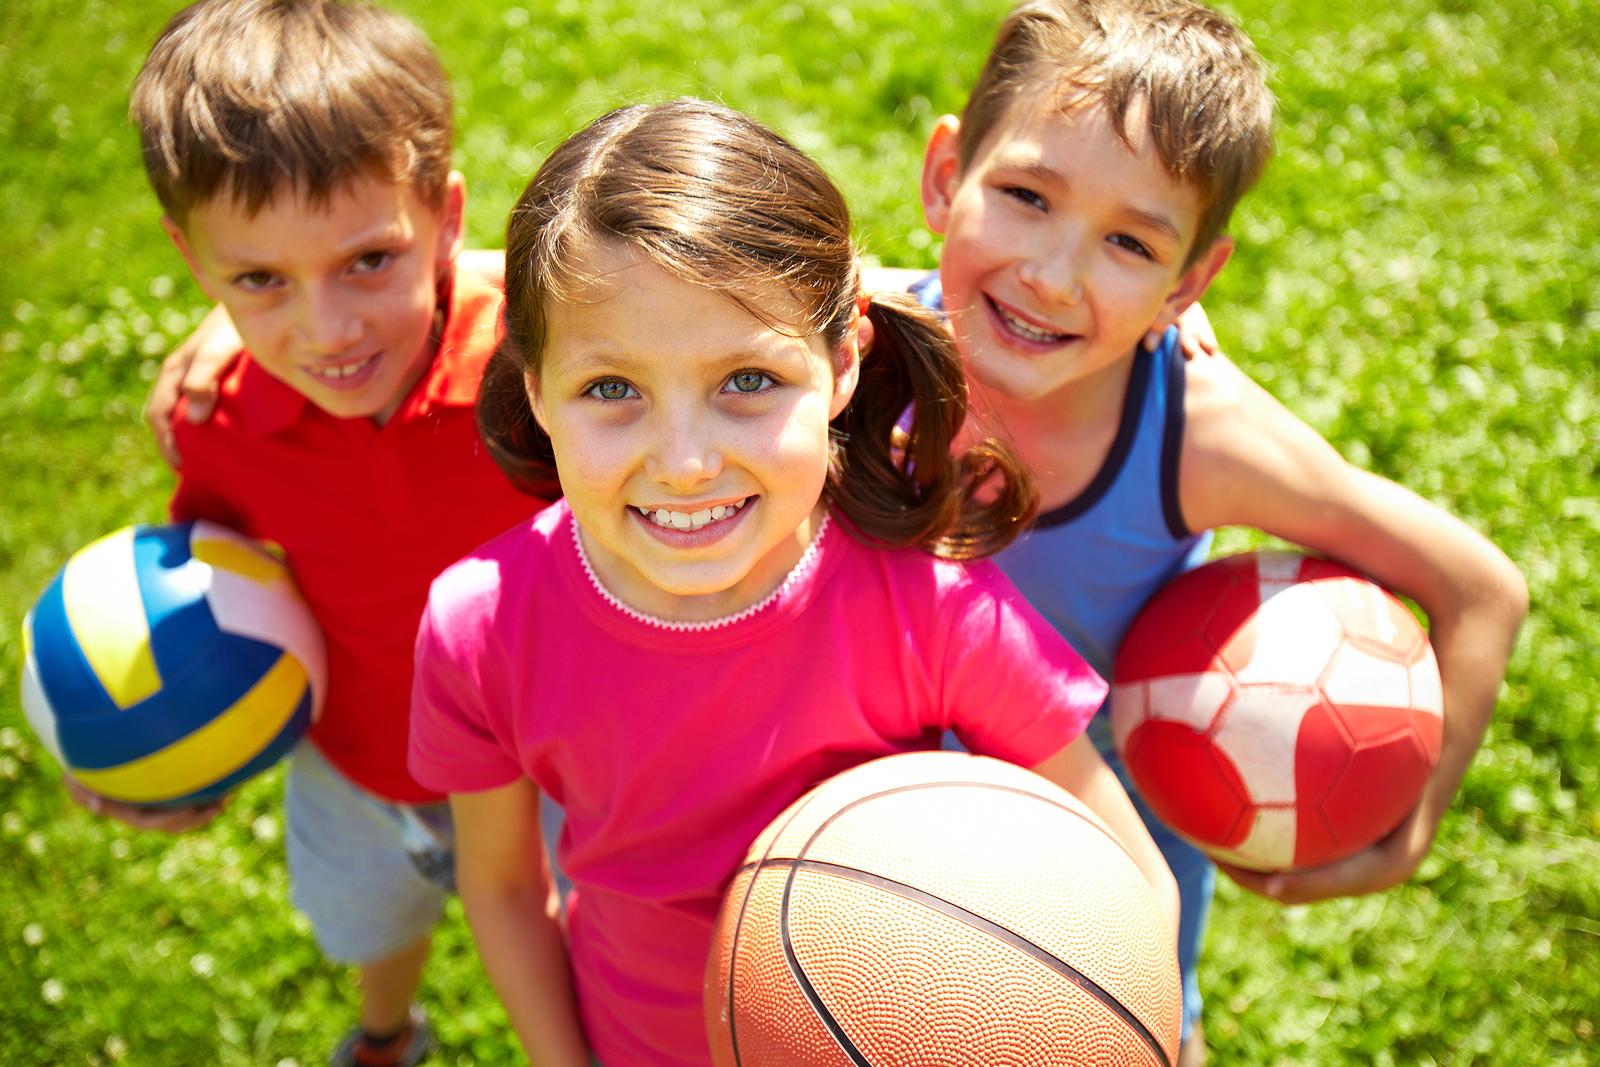 Czy warto wysłać dzieci na kolonie letnie czy lepiej brać ze sobą?